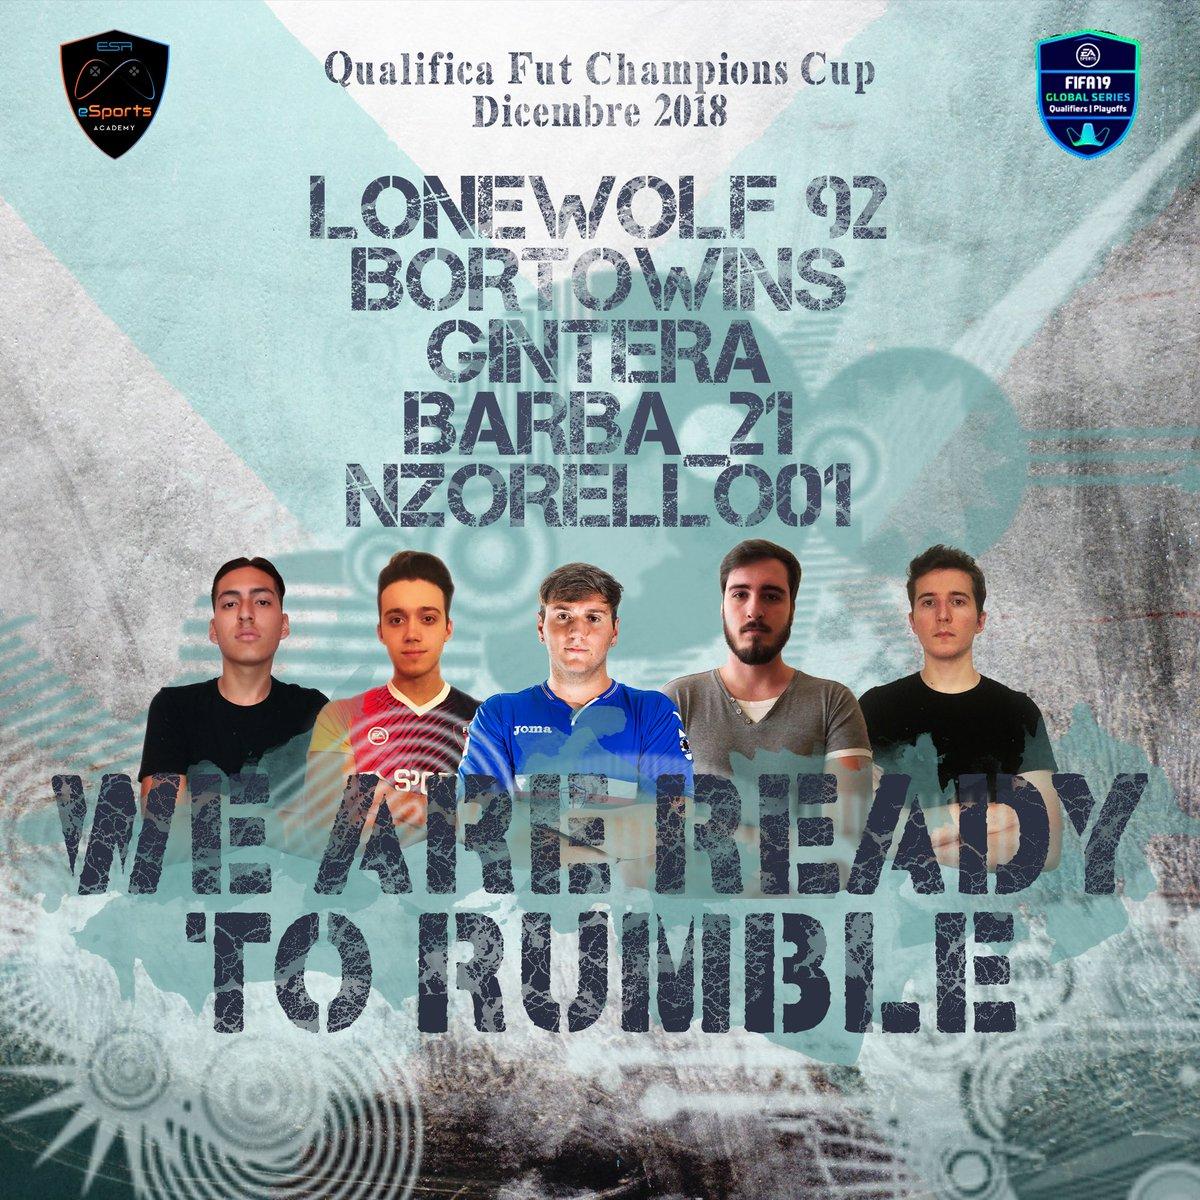 #futchampions cup Oggi i nostri @parave_renzo @bortowins @Lonewolf92Fifa @gintera96 @Barba__21 @Miche_Tangredi saranno impegnati nella qualifica alla Fut Champions Cup! Noi siamo pronti e tu?